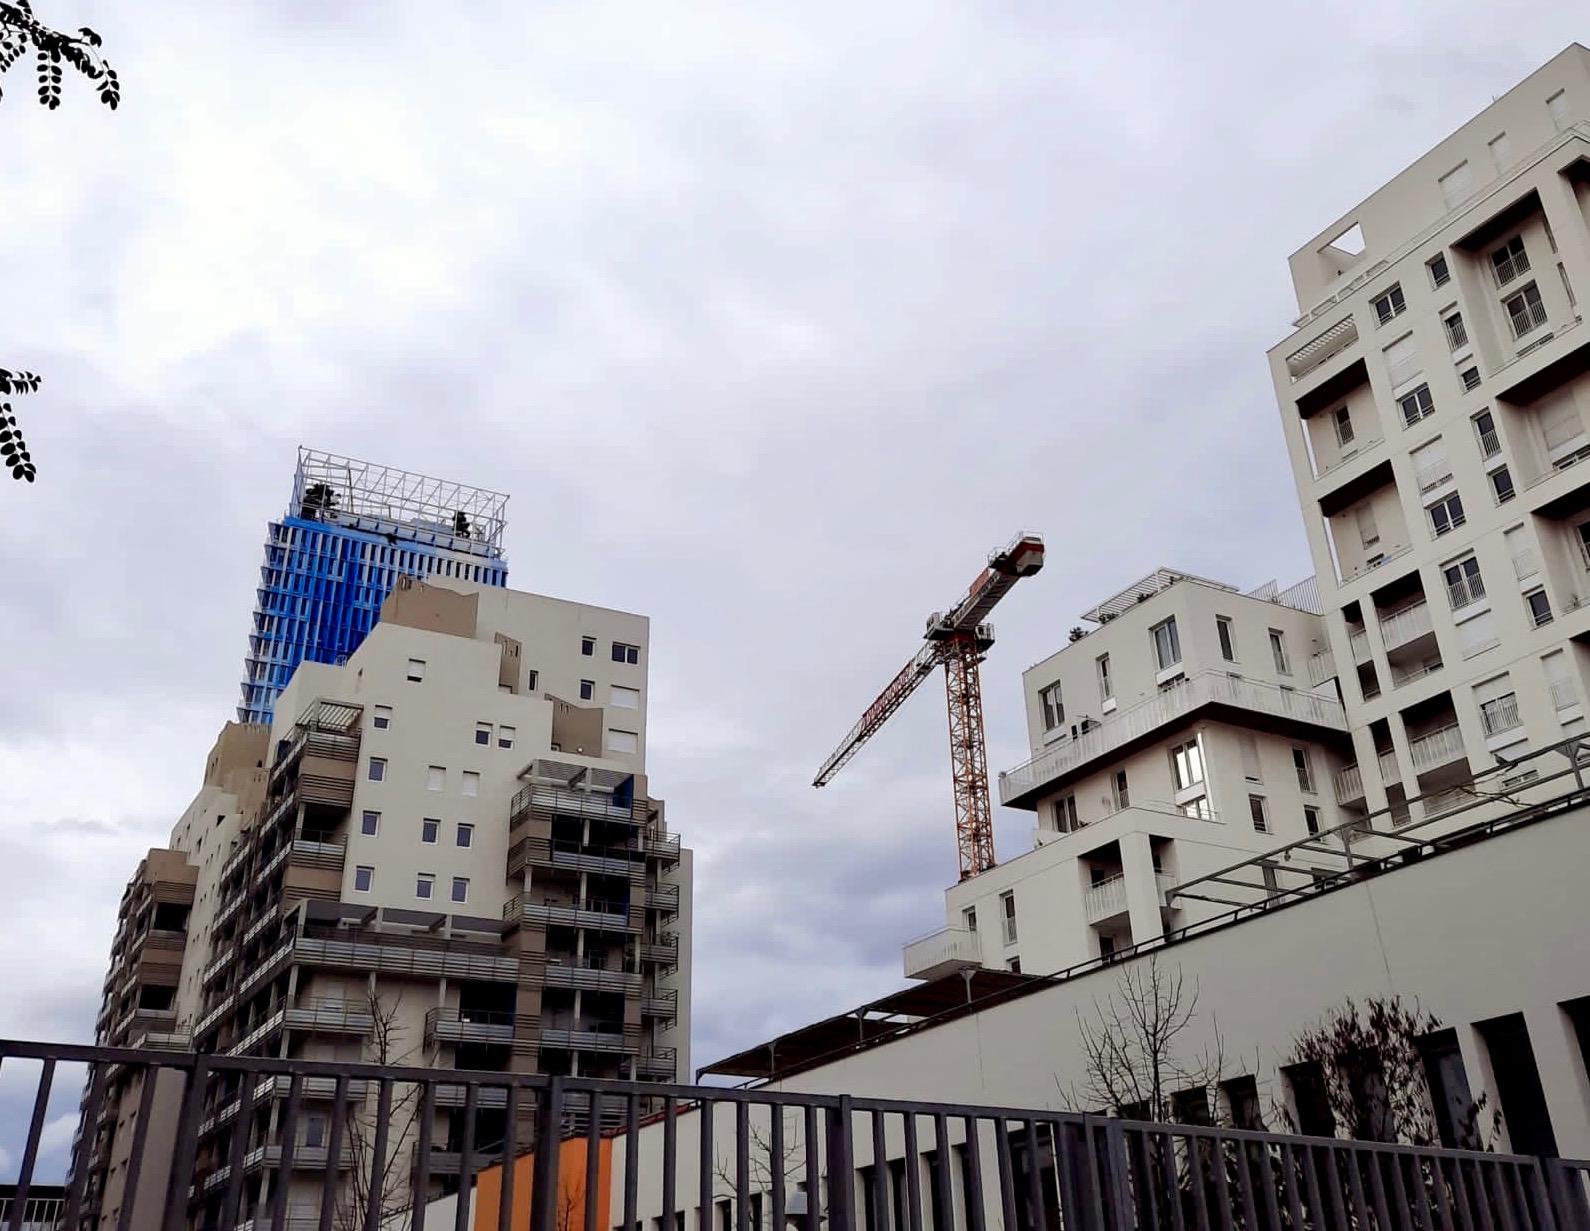 La construction de logements neufs est en souffrance © JP